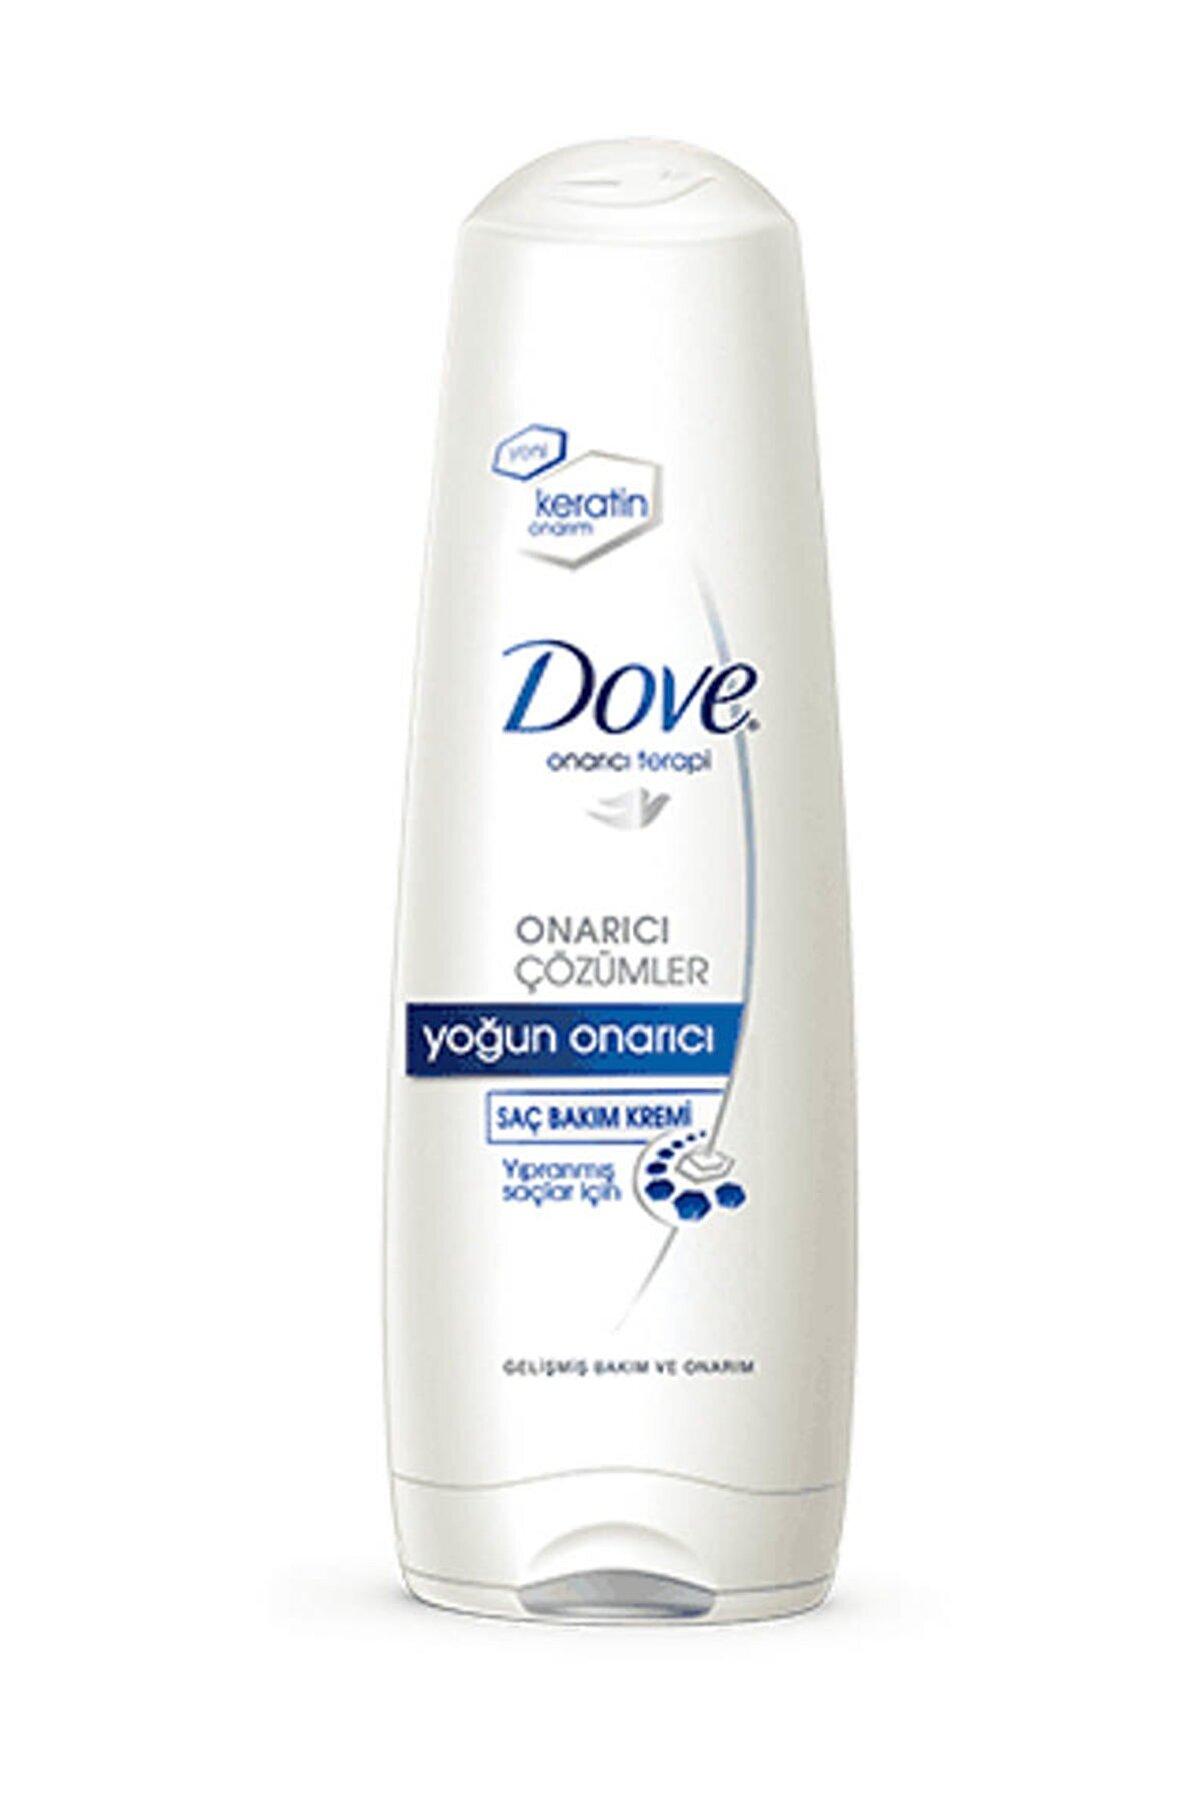 Dove Yoğun Onarıcı Yıpranmış Saçlar İçin Saç Bakım Kremi 400 ml